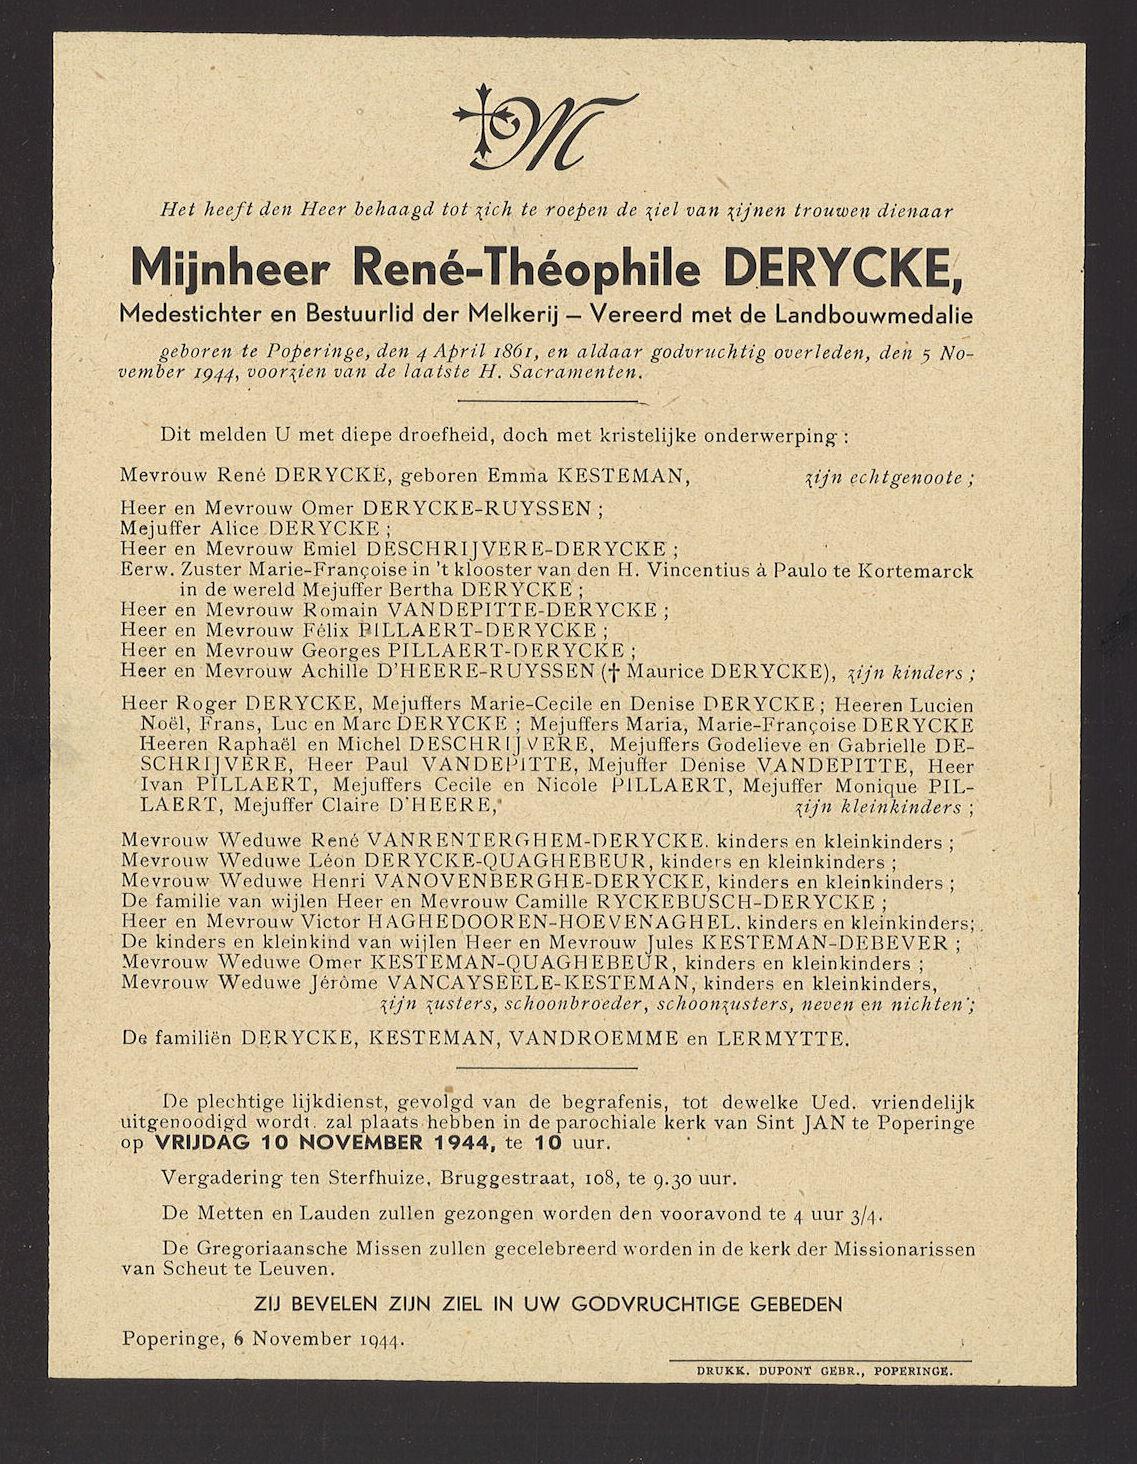 René-Théophile Derycke